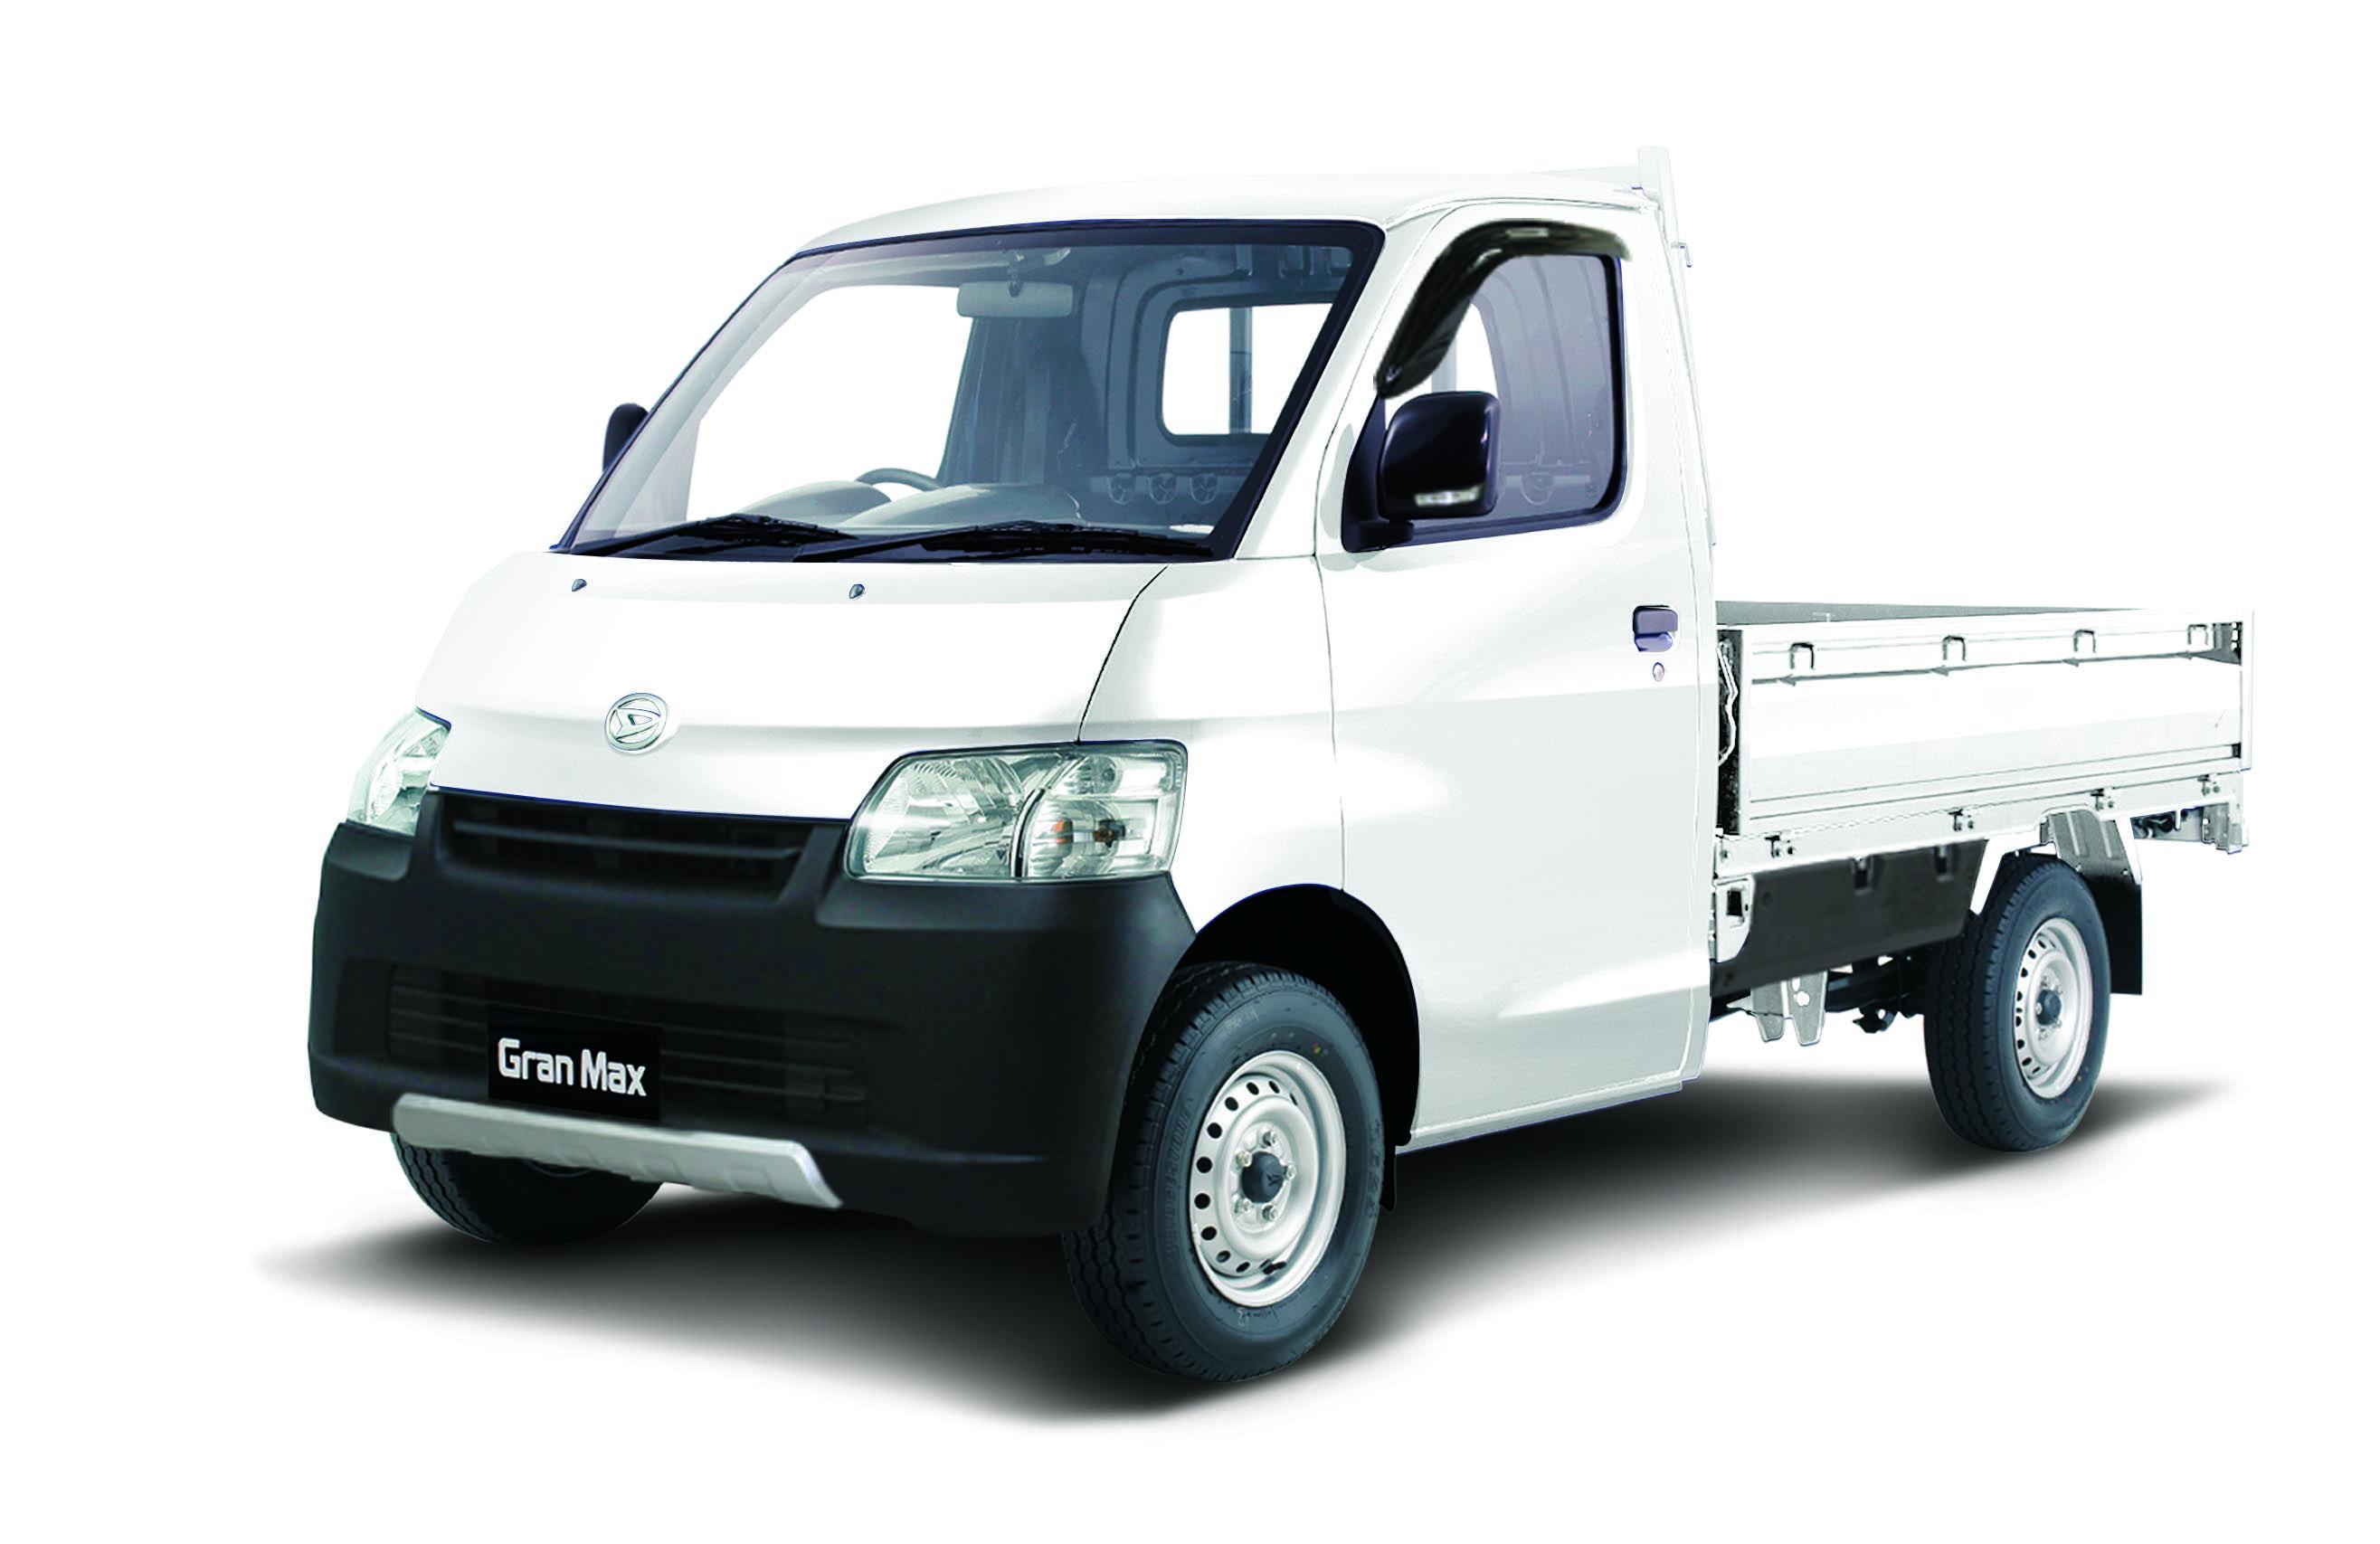 Yuma Rental Adalah Perusahaan Jasa Rental Sewa Mobil Daihatsu Gran